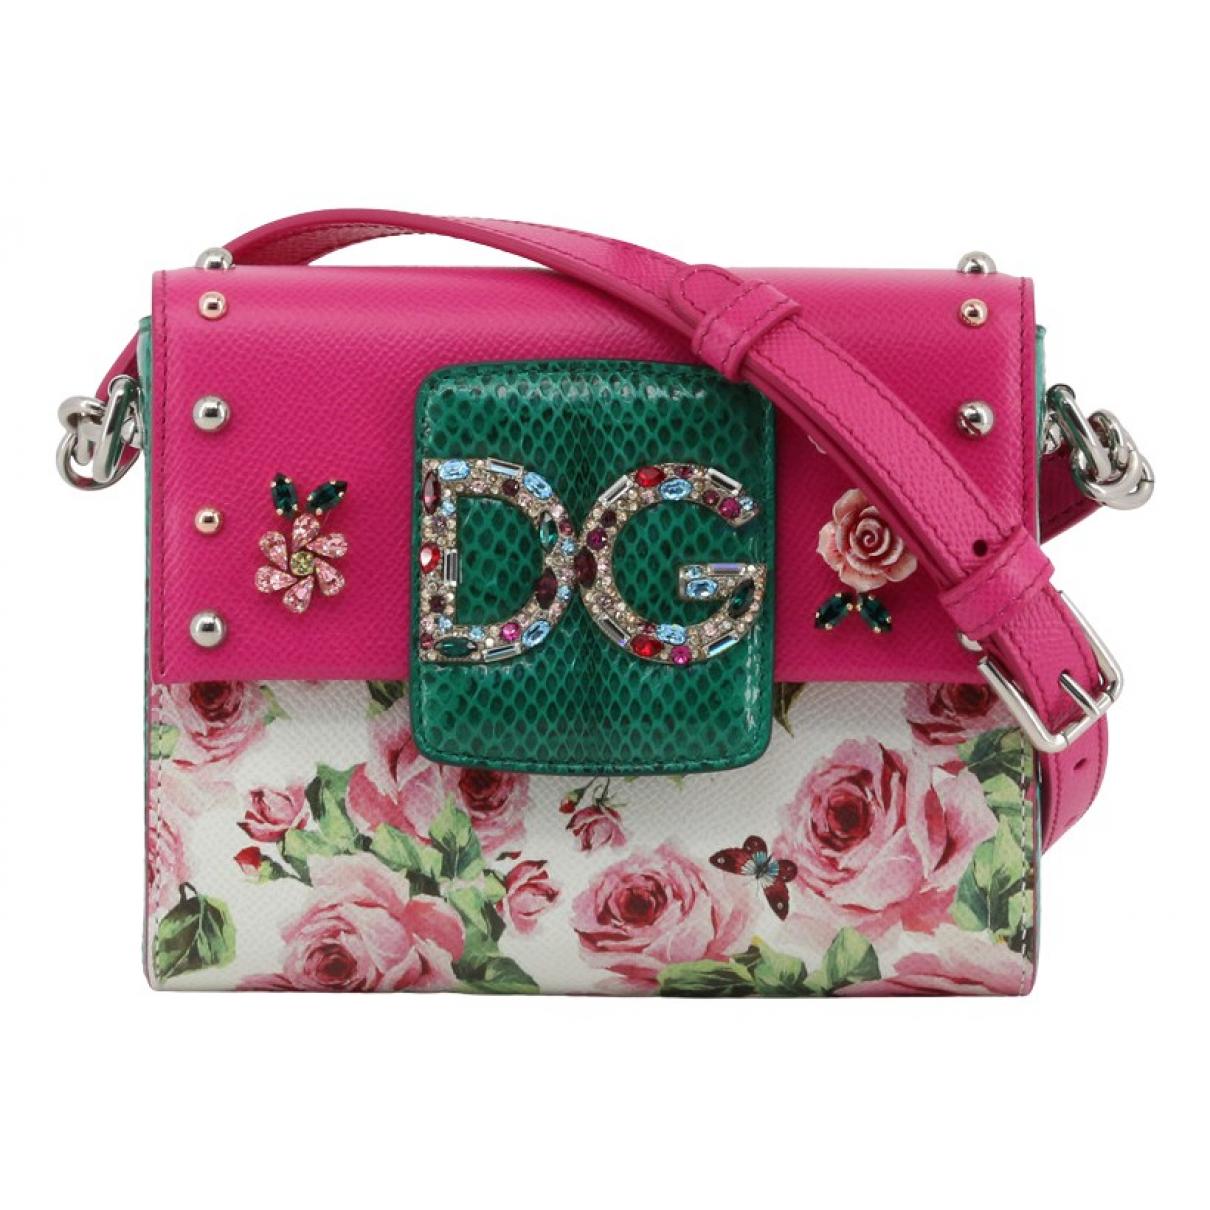 Dolce & Gabbana - Sac a main   pour femme en cuir - multicolore